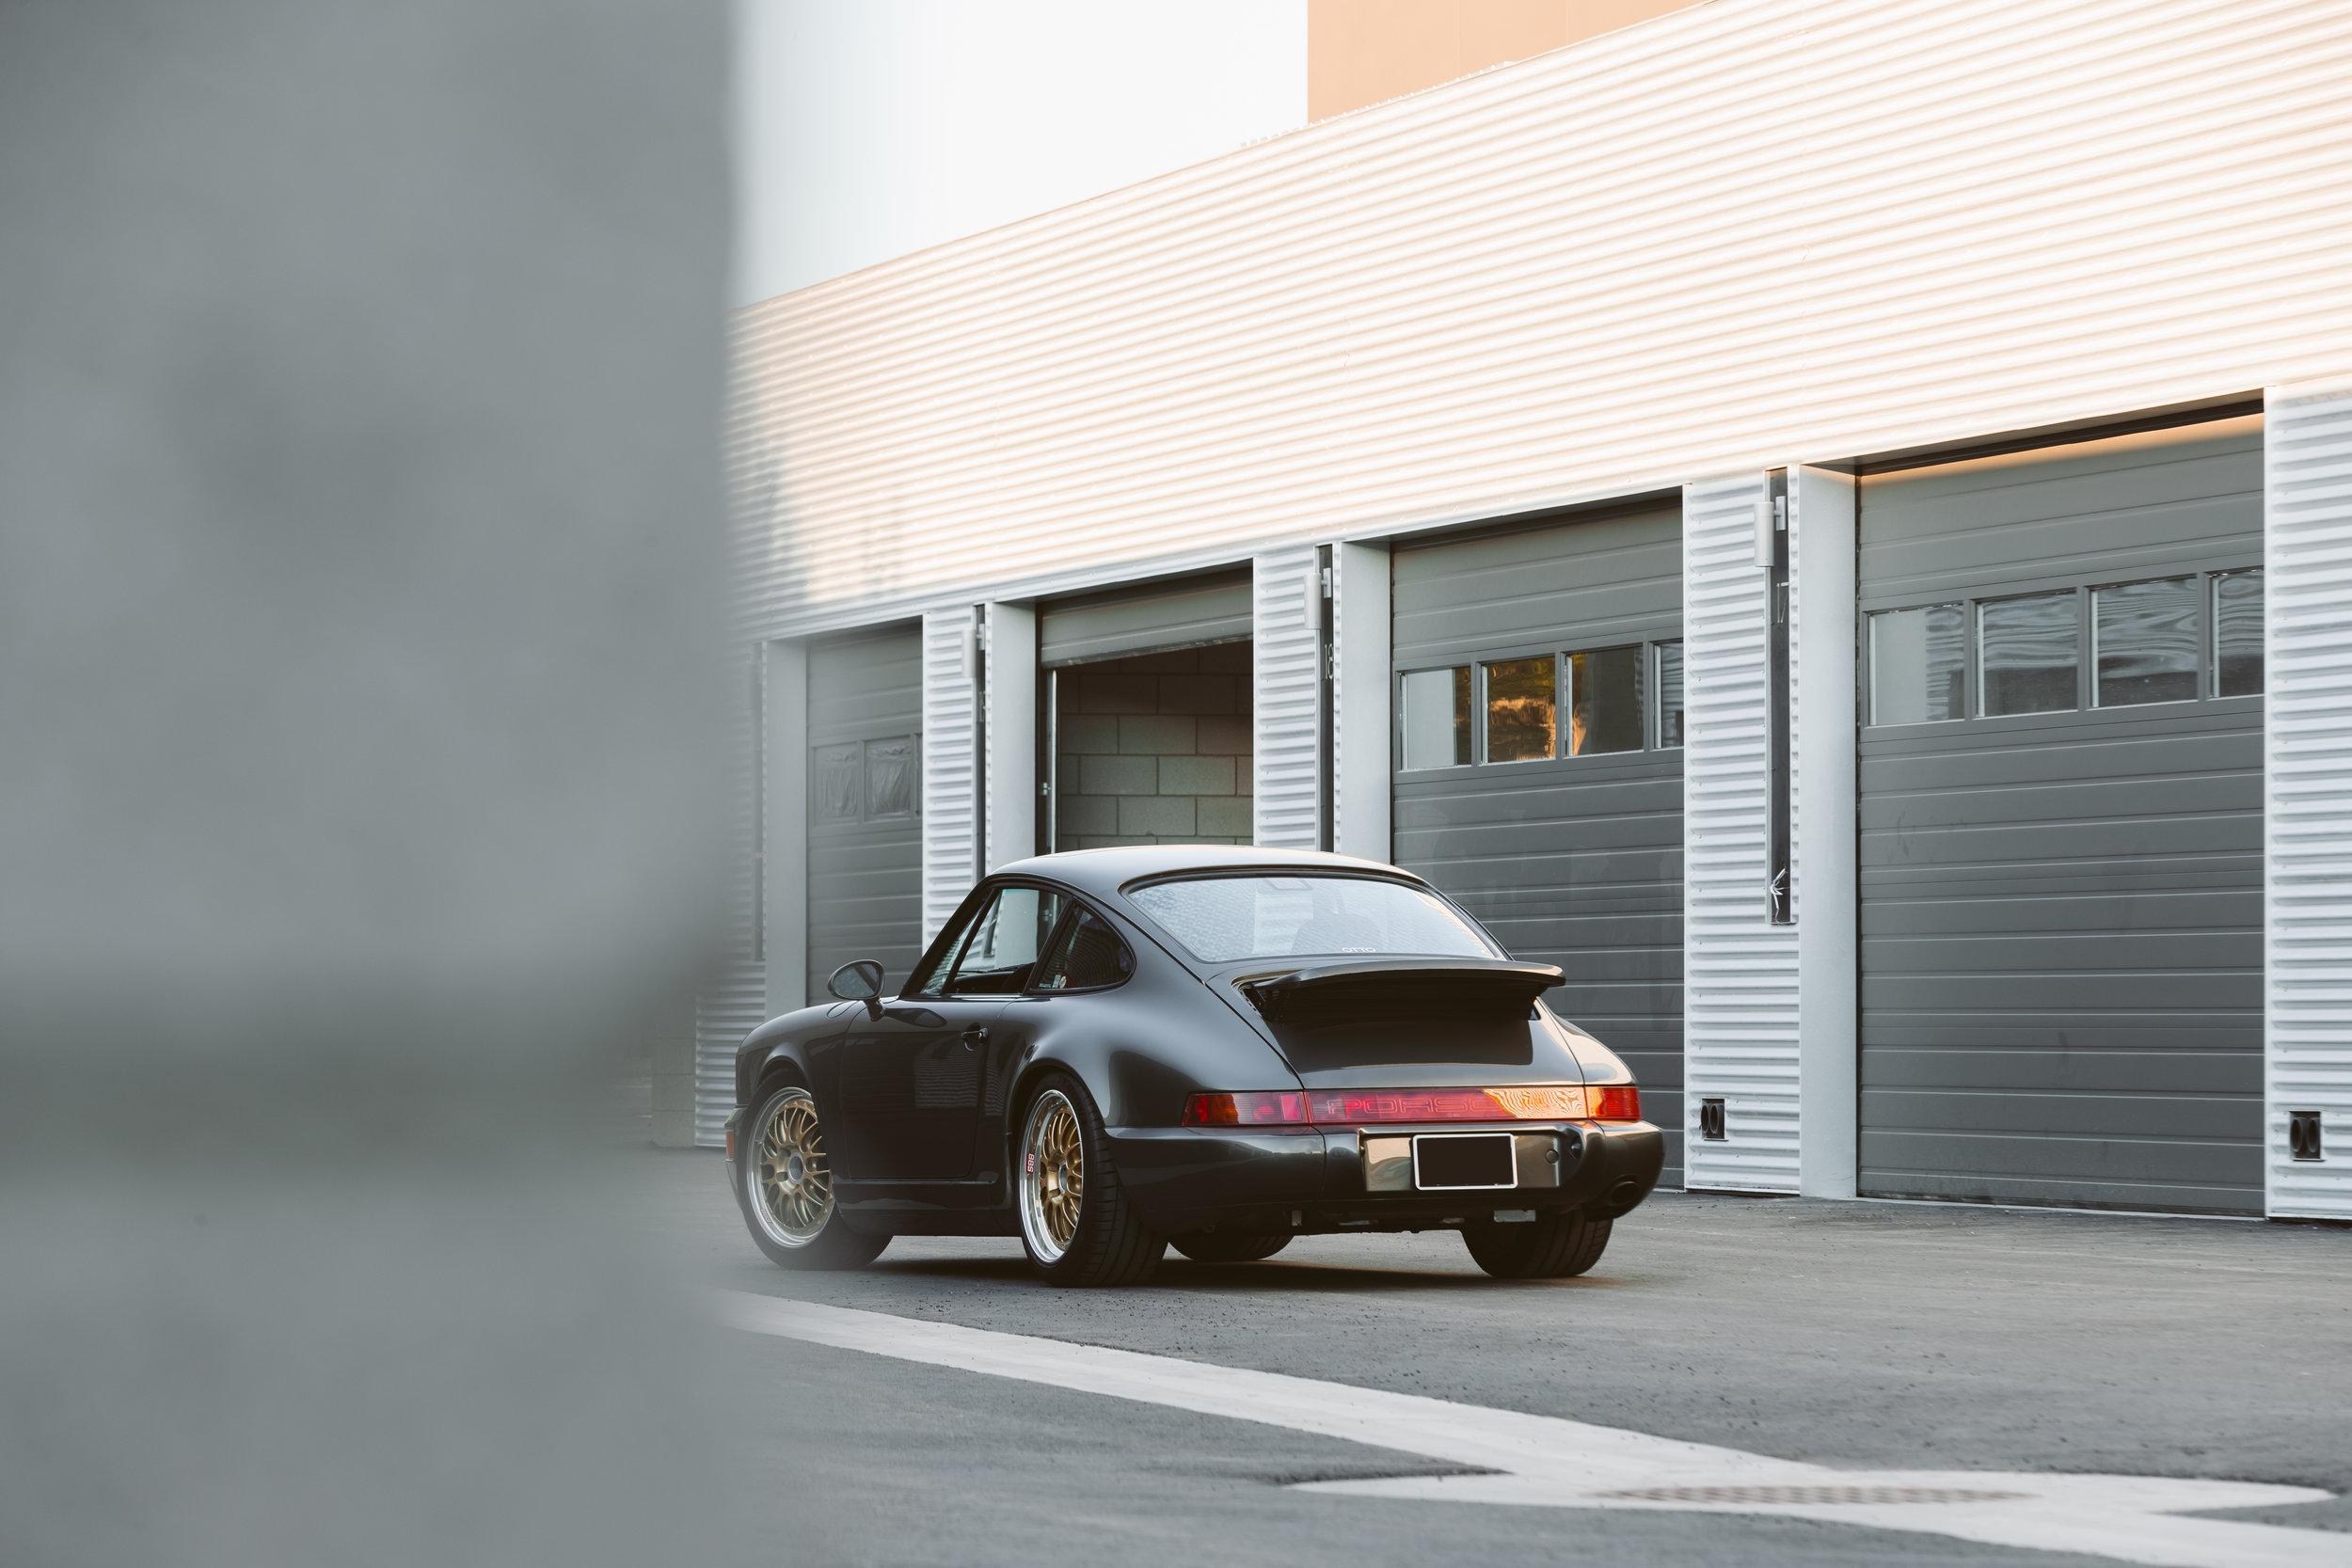 ABE1_OTTO_Porsche_Garages-1-2.jpg